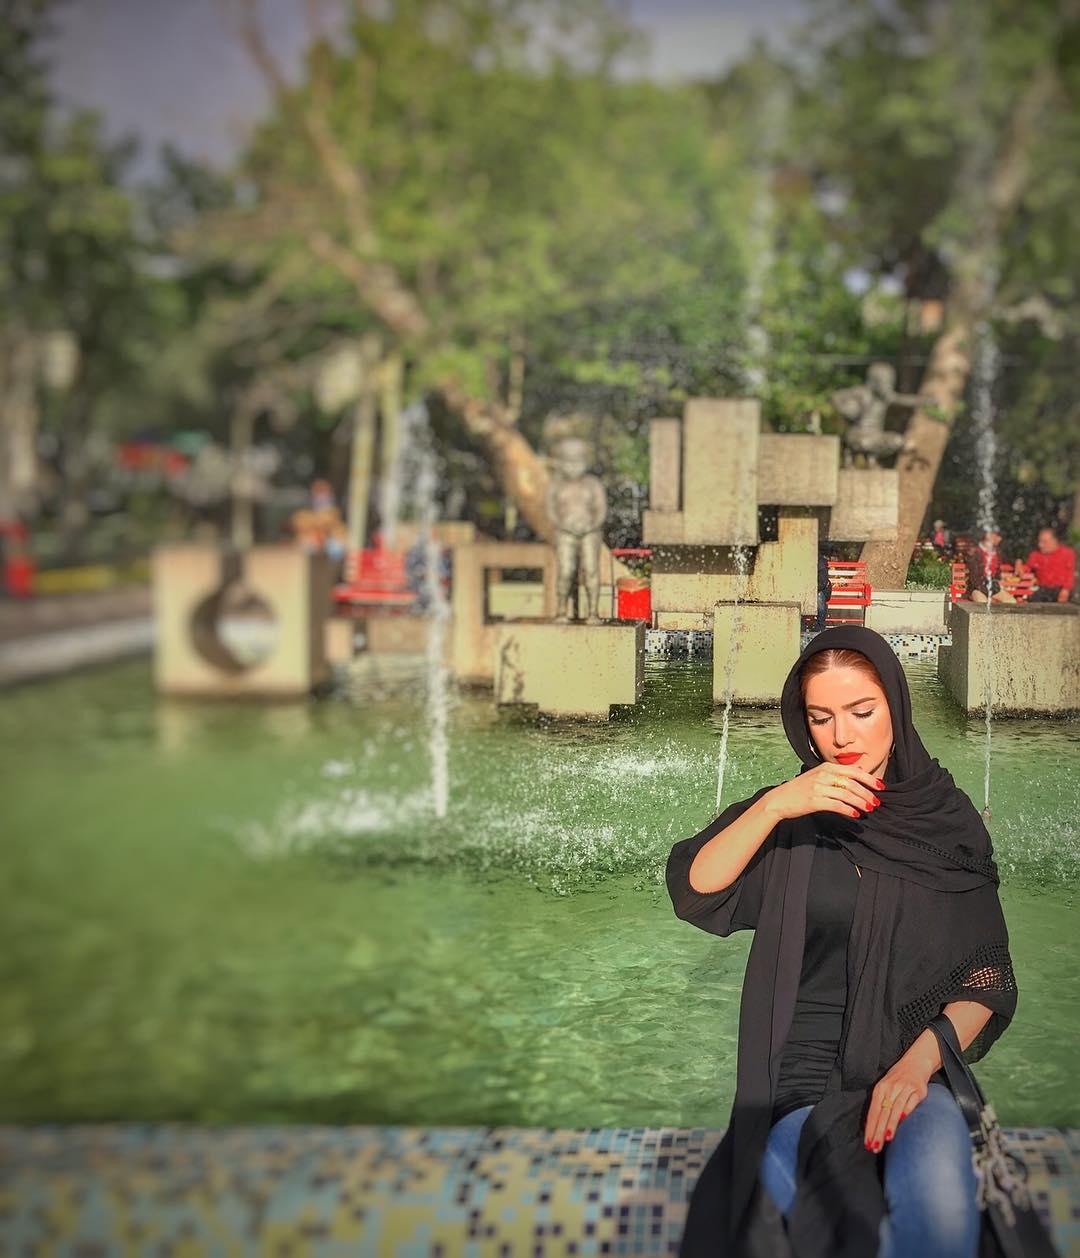 عکس شخصی متین ستوده